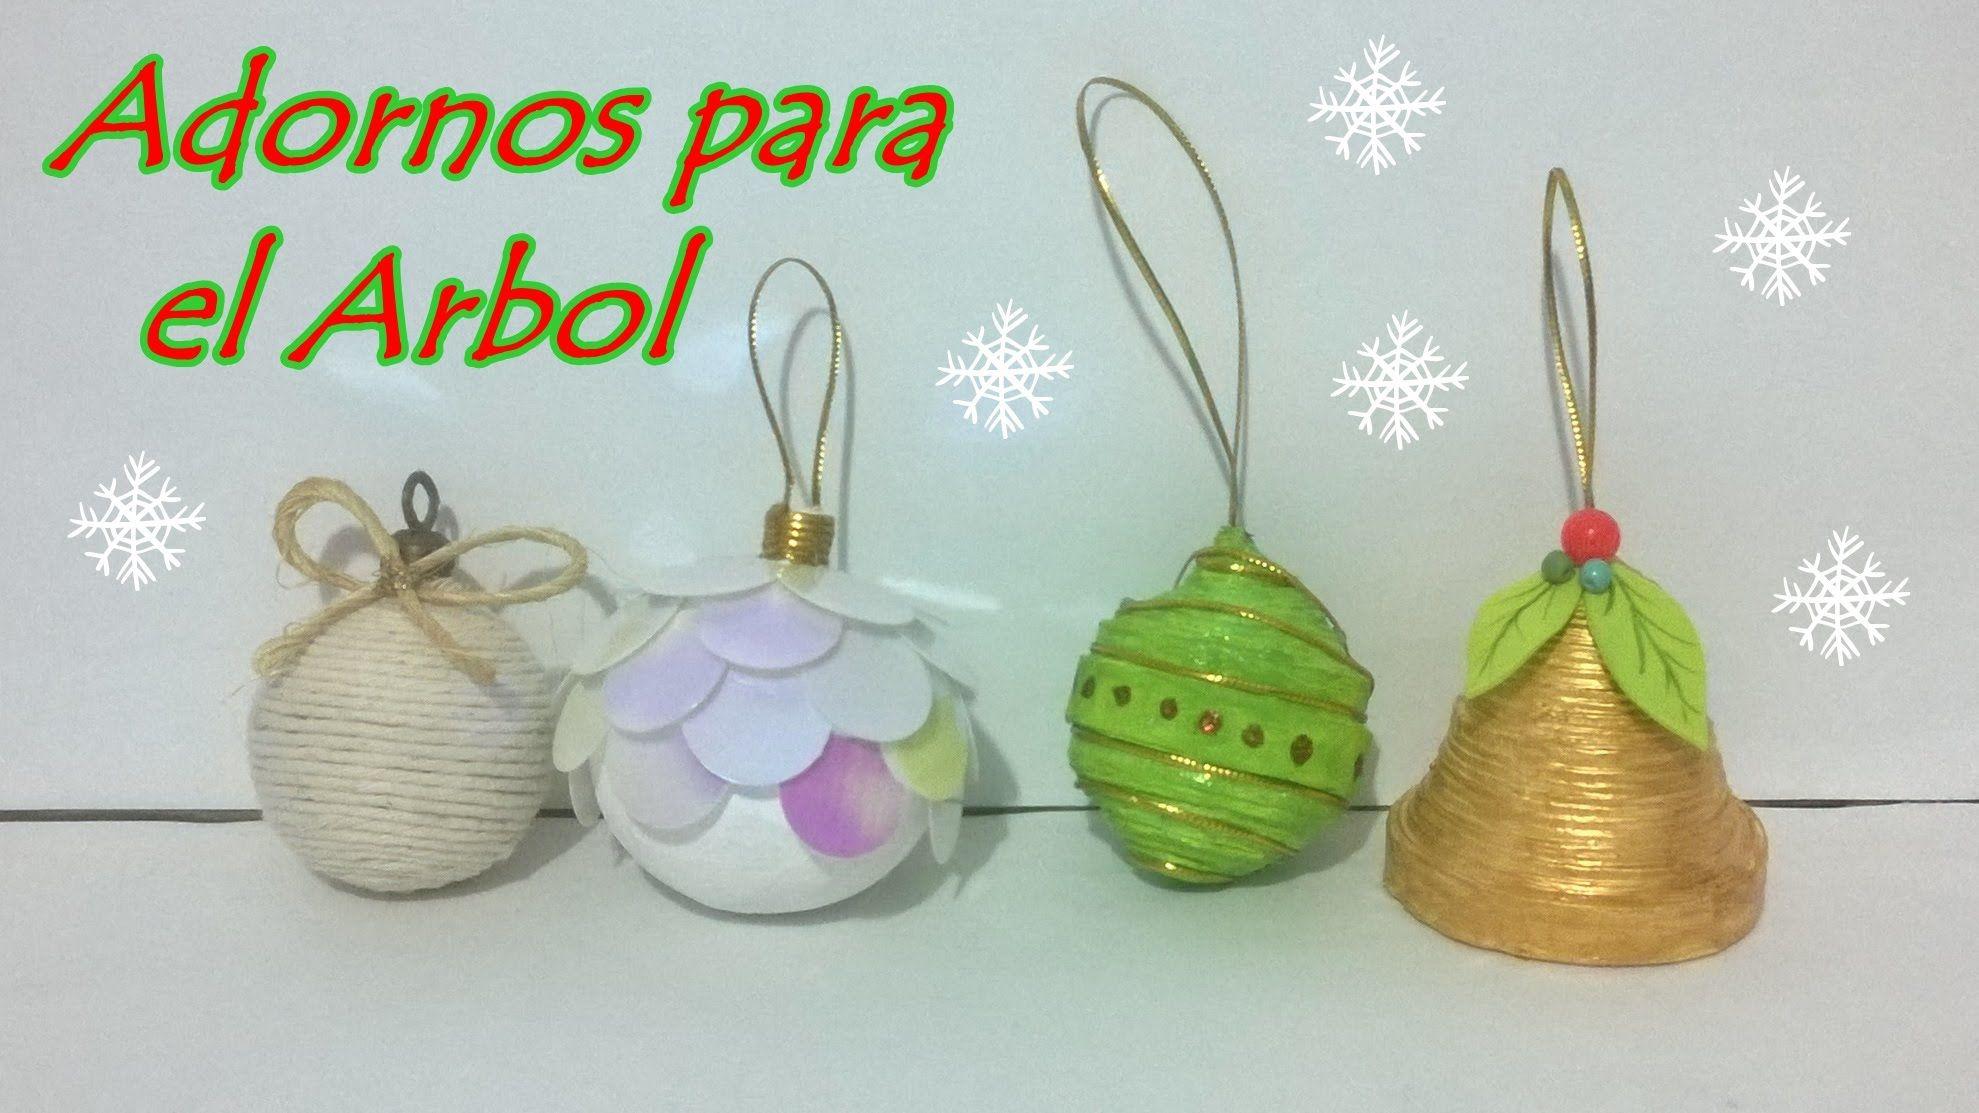 4 ideas de esferas para el rbol navidad manualidades - Manualidades navidad arbol ...